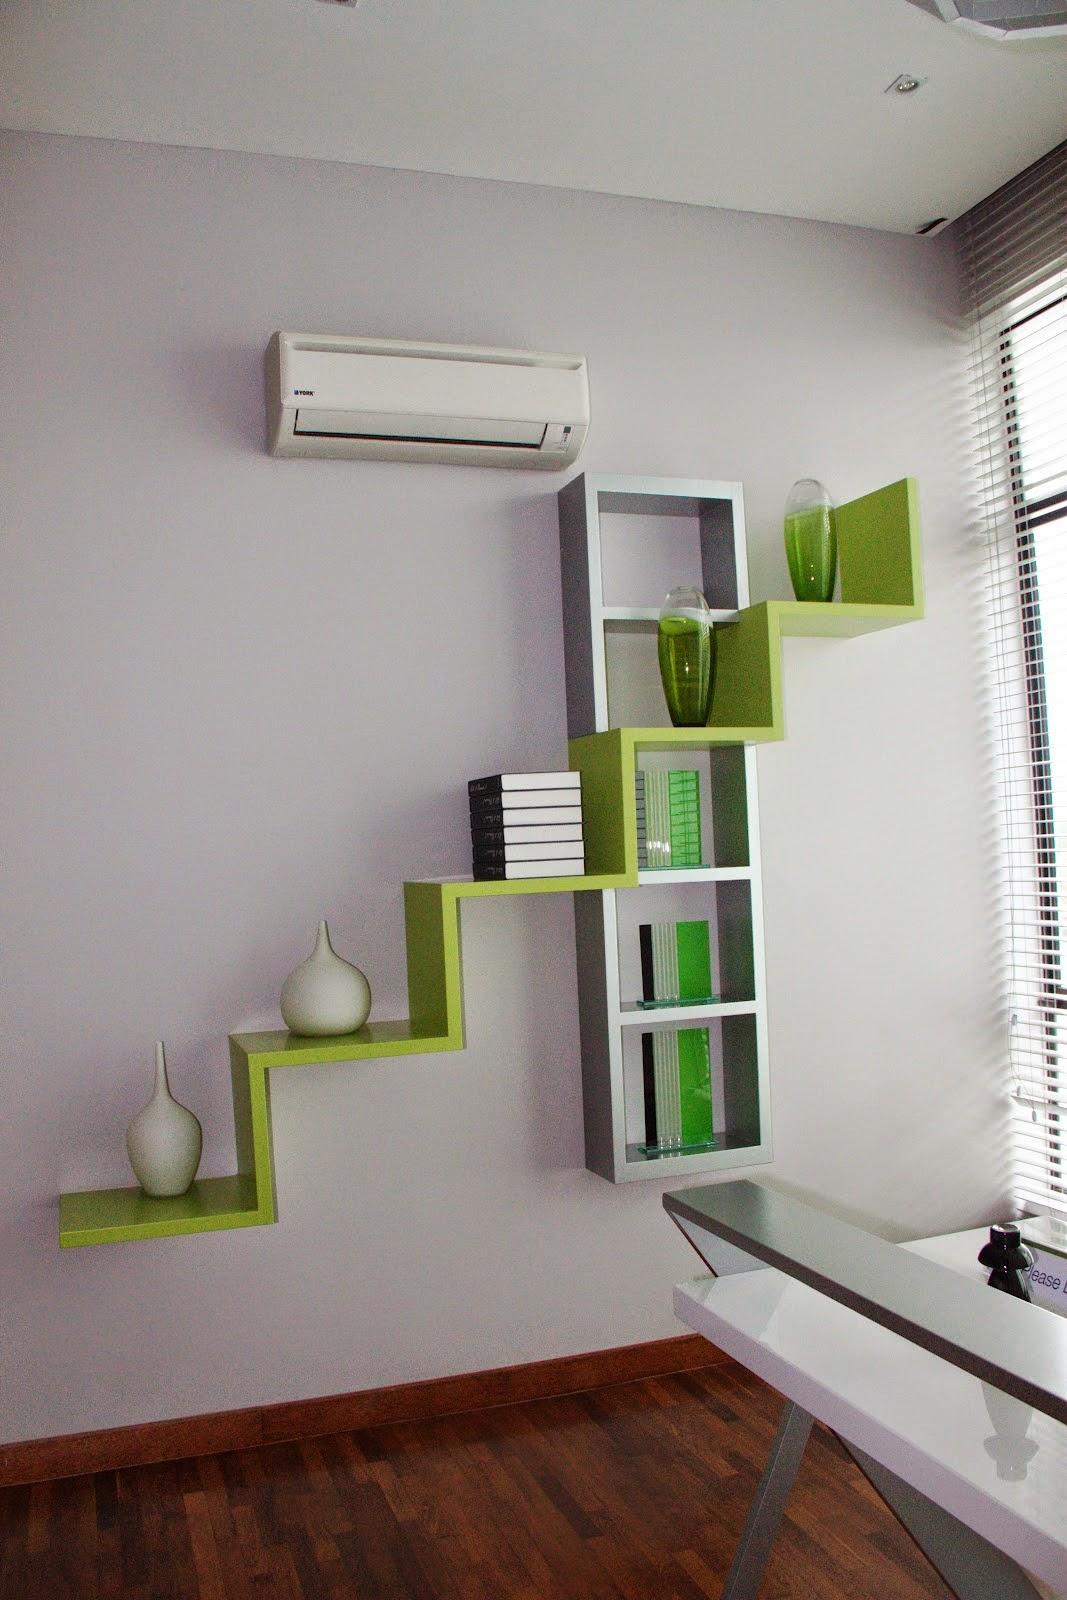 Hiasan ruang tamu holidays oo for Dekorasi kamar